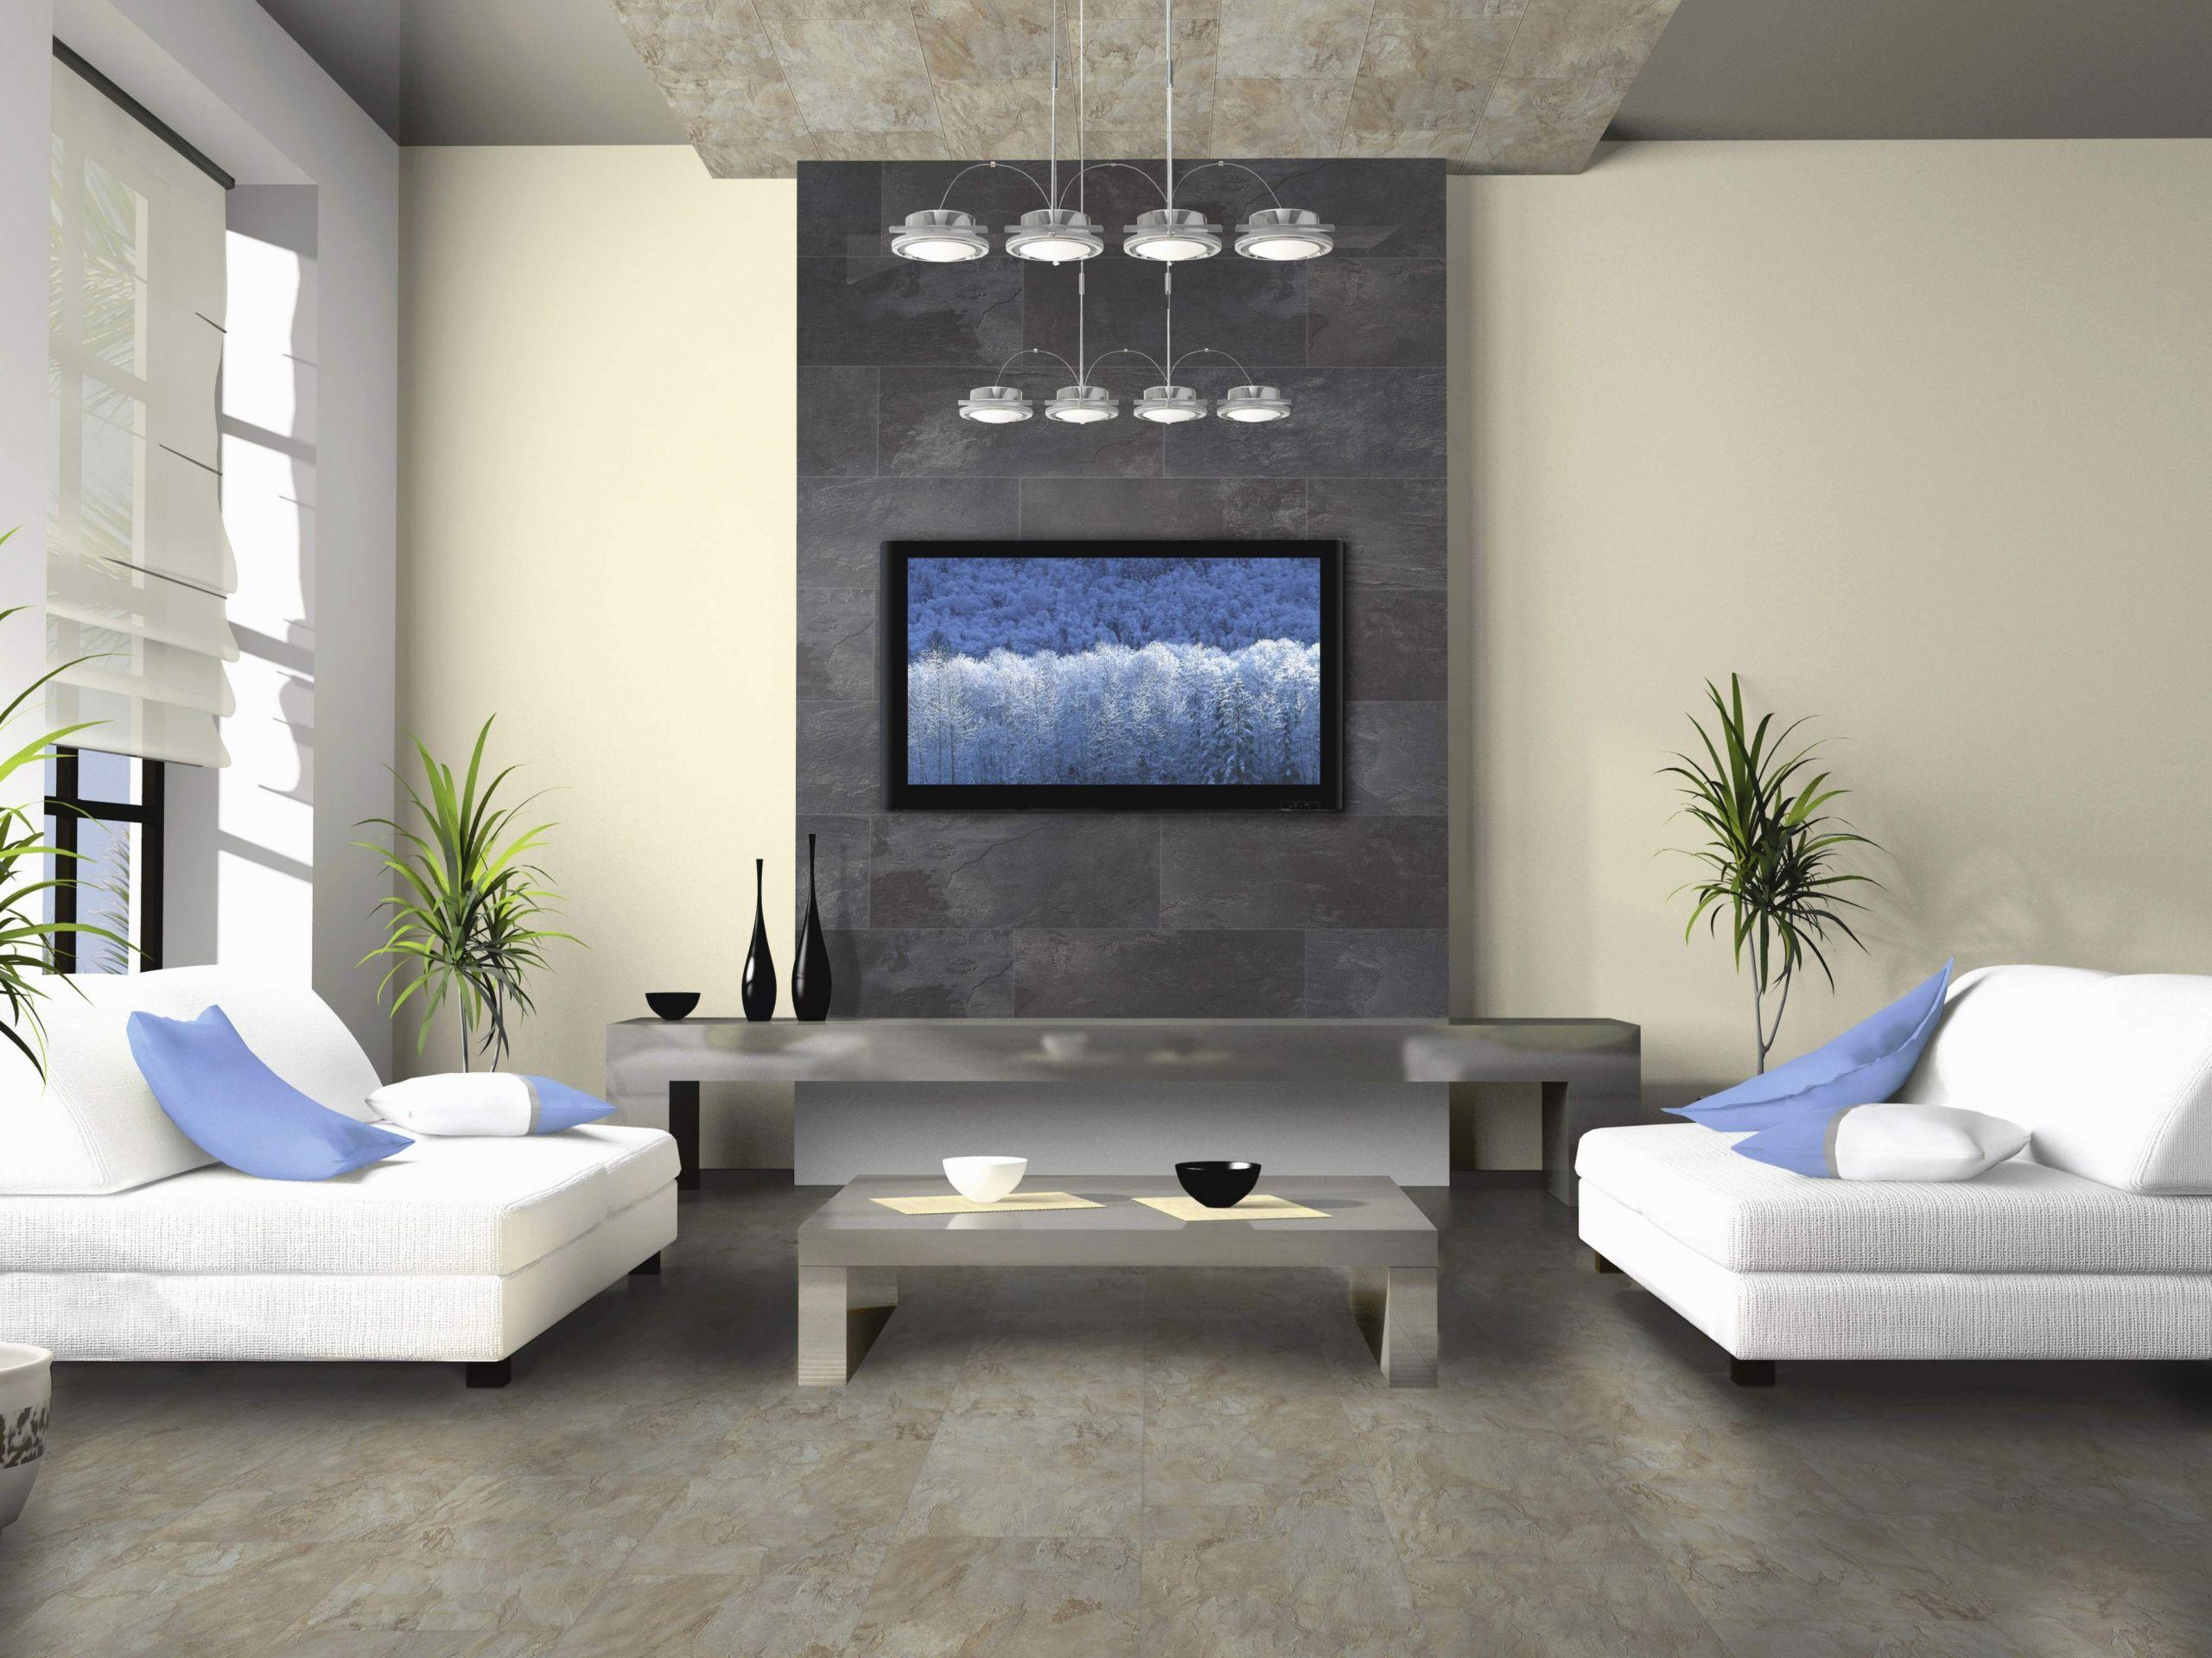 wohnzimmer dekorieren inspirierend dekoration wohnzimmer reizend wohnzimmer wand 0d of wohnzimmer dekorieren